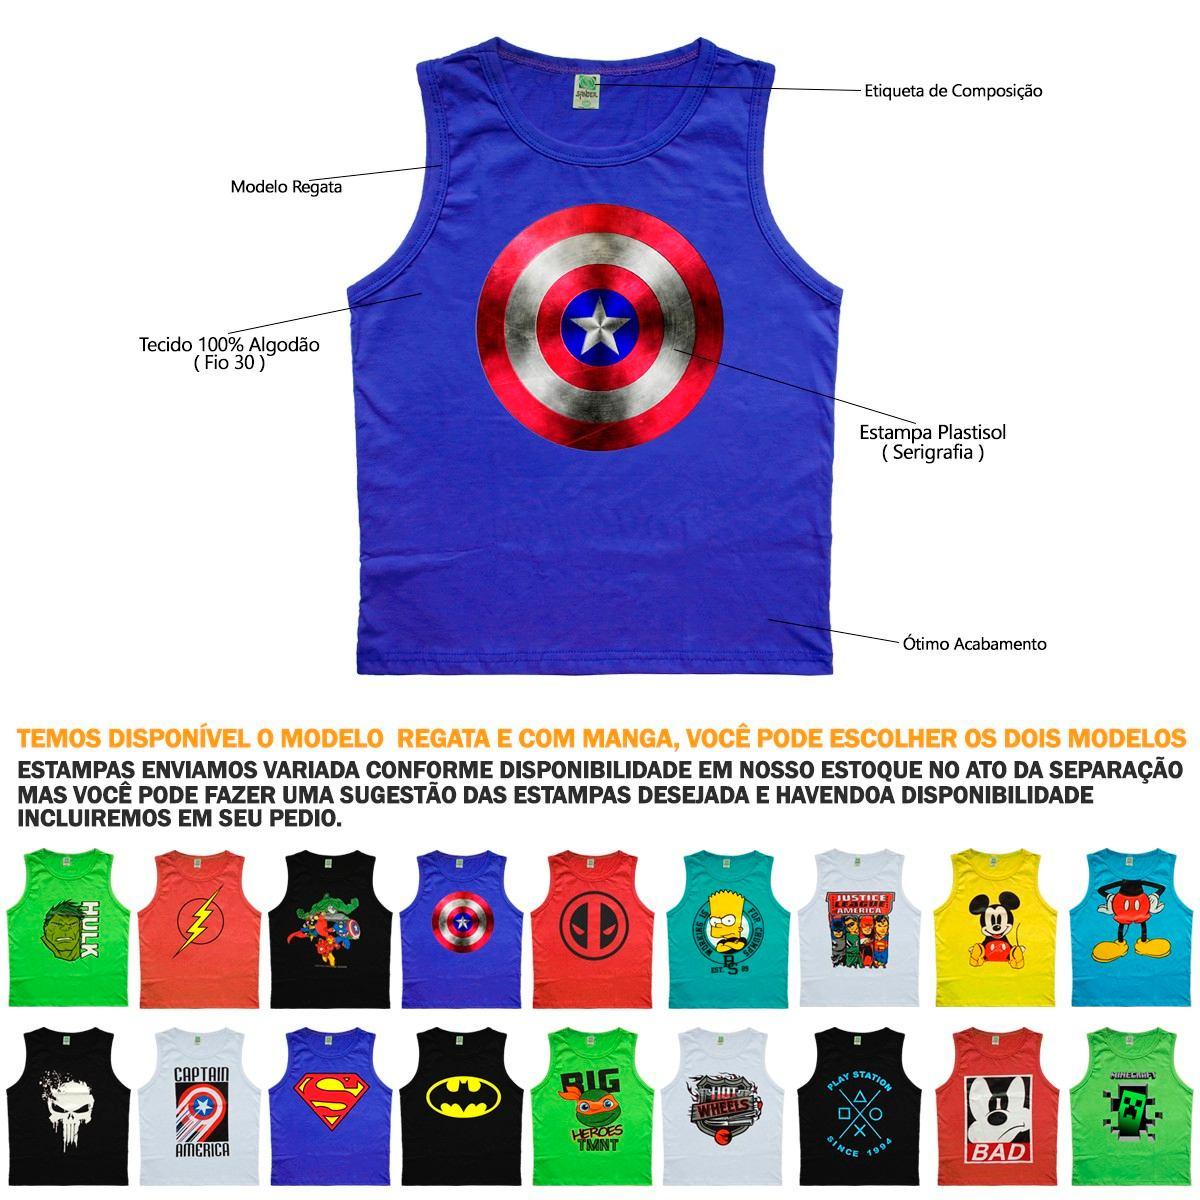 kit 10 camisa camiseta regata juvenil infantil super heroes. Carregando zoom . 79dd9d19d7a